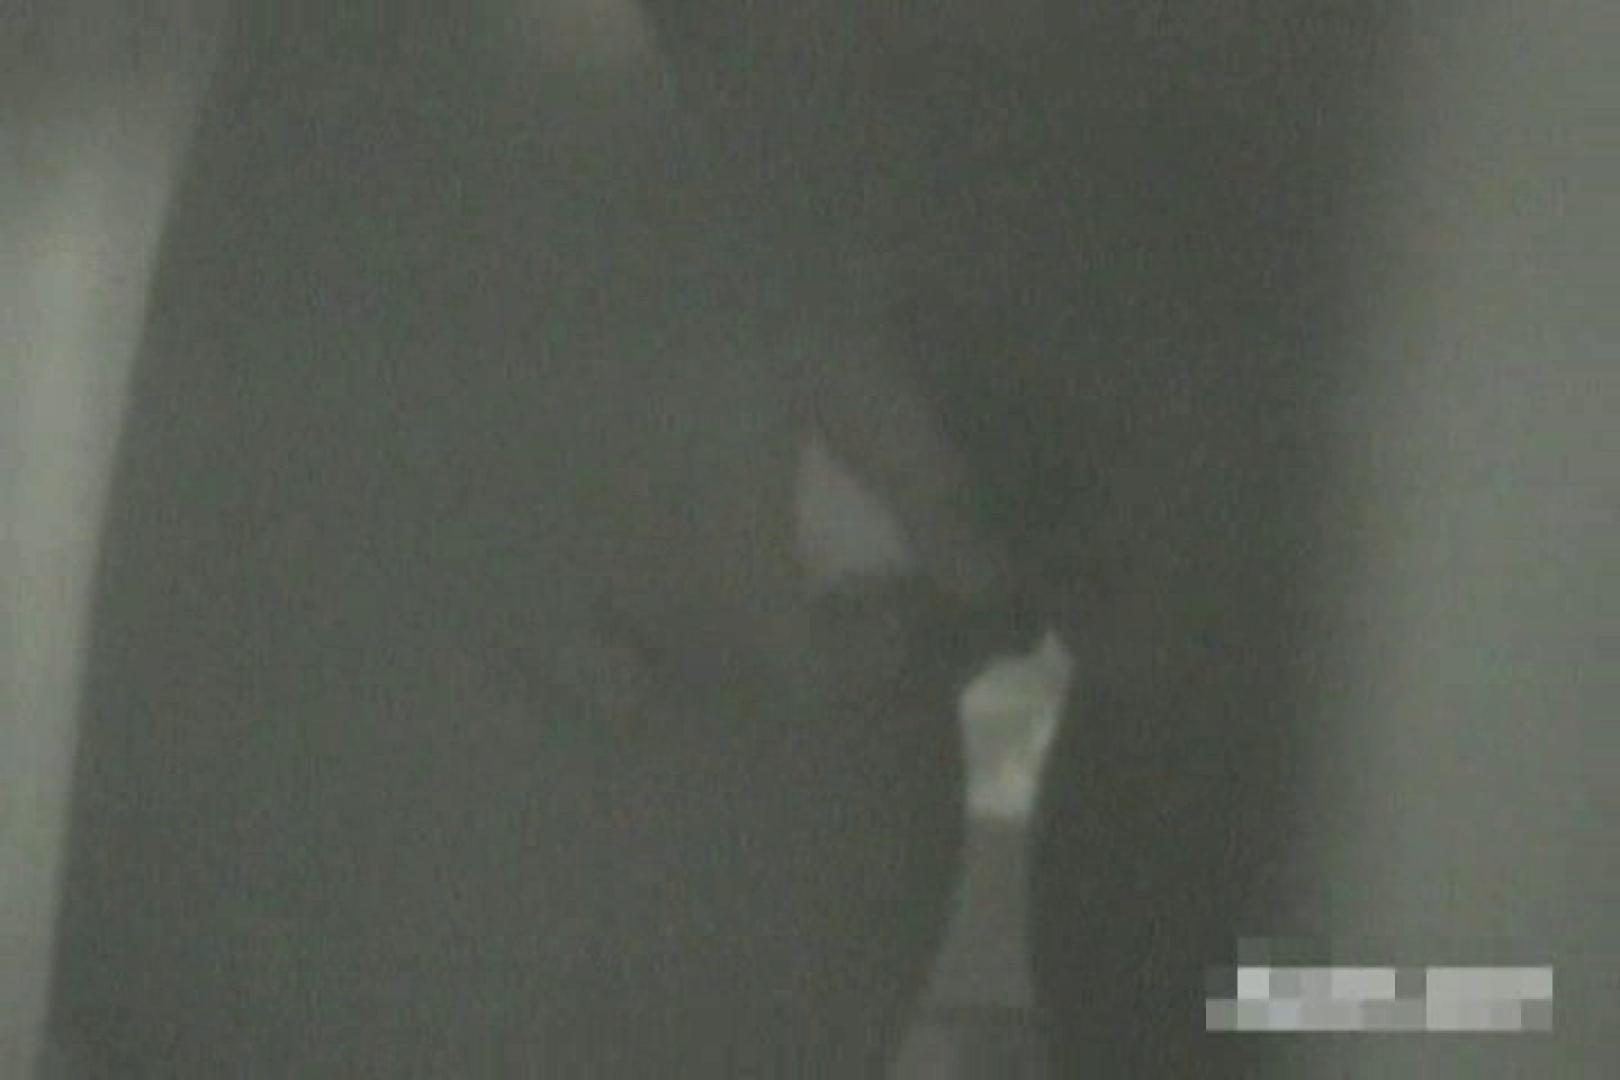 激撮ストーカー記録あなたのお宅拝見しますVol.5 クリトリス集結 おめこ無修正画像 70pic 48